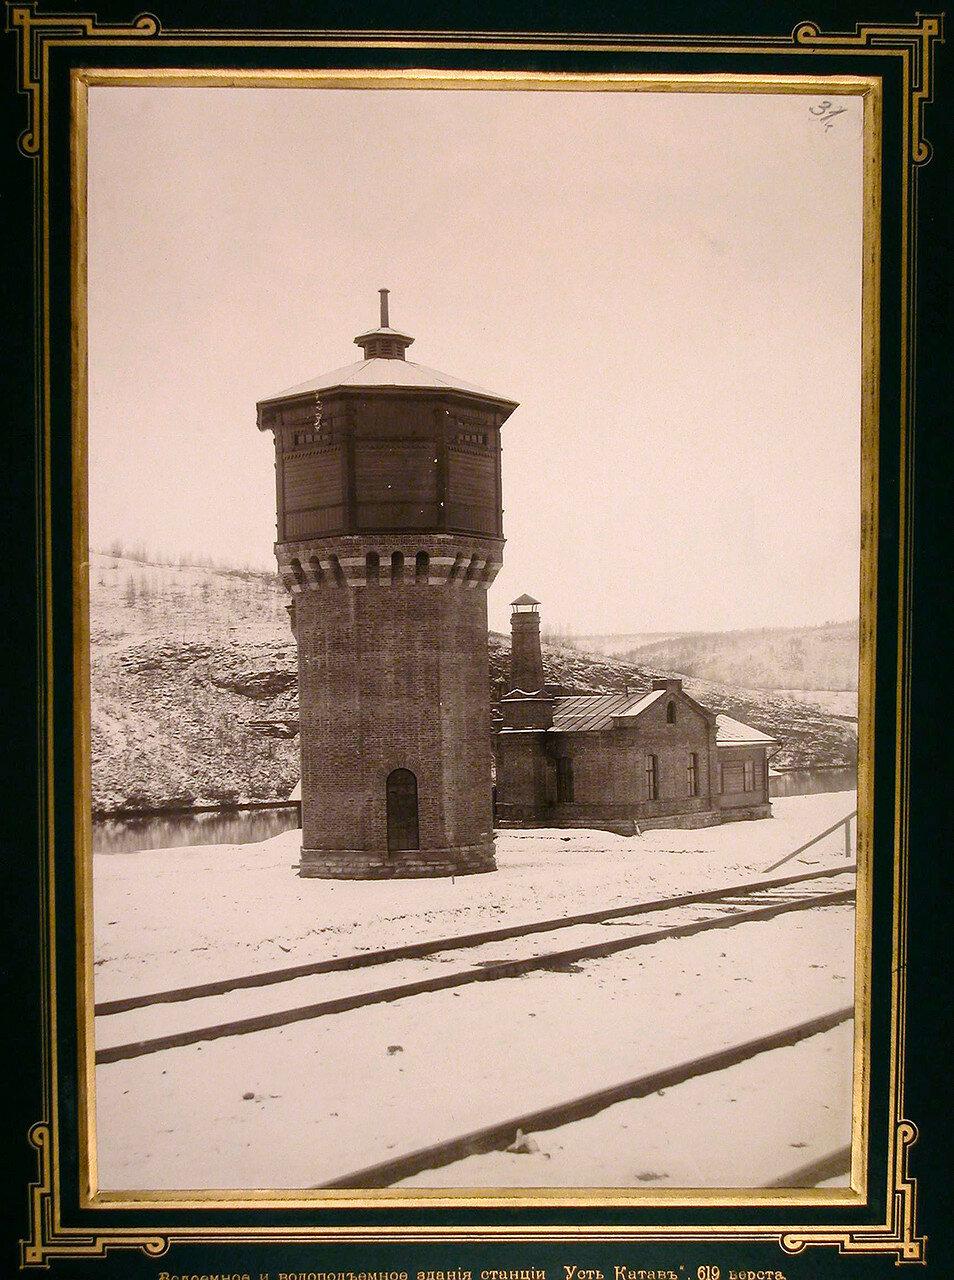 31. Вид на водоемное и водоподъемное здание на станции. Станция Усть-Катов, 619-я верста